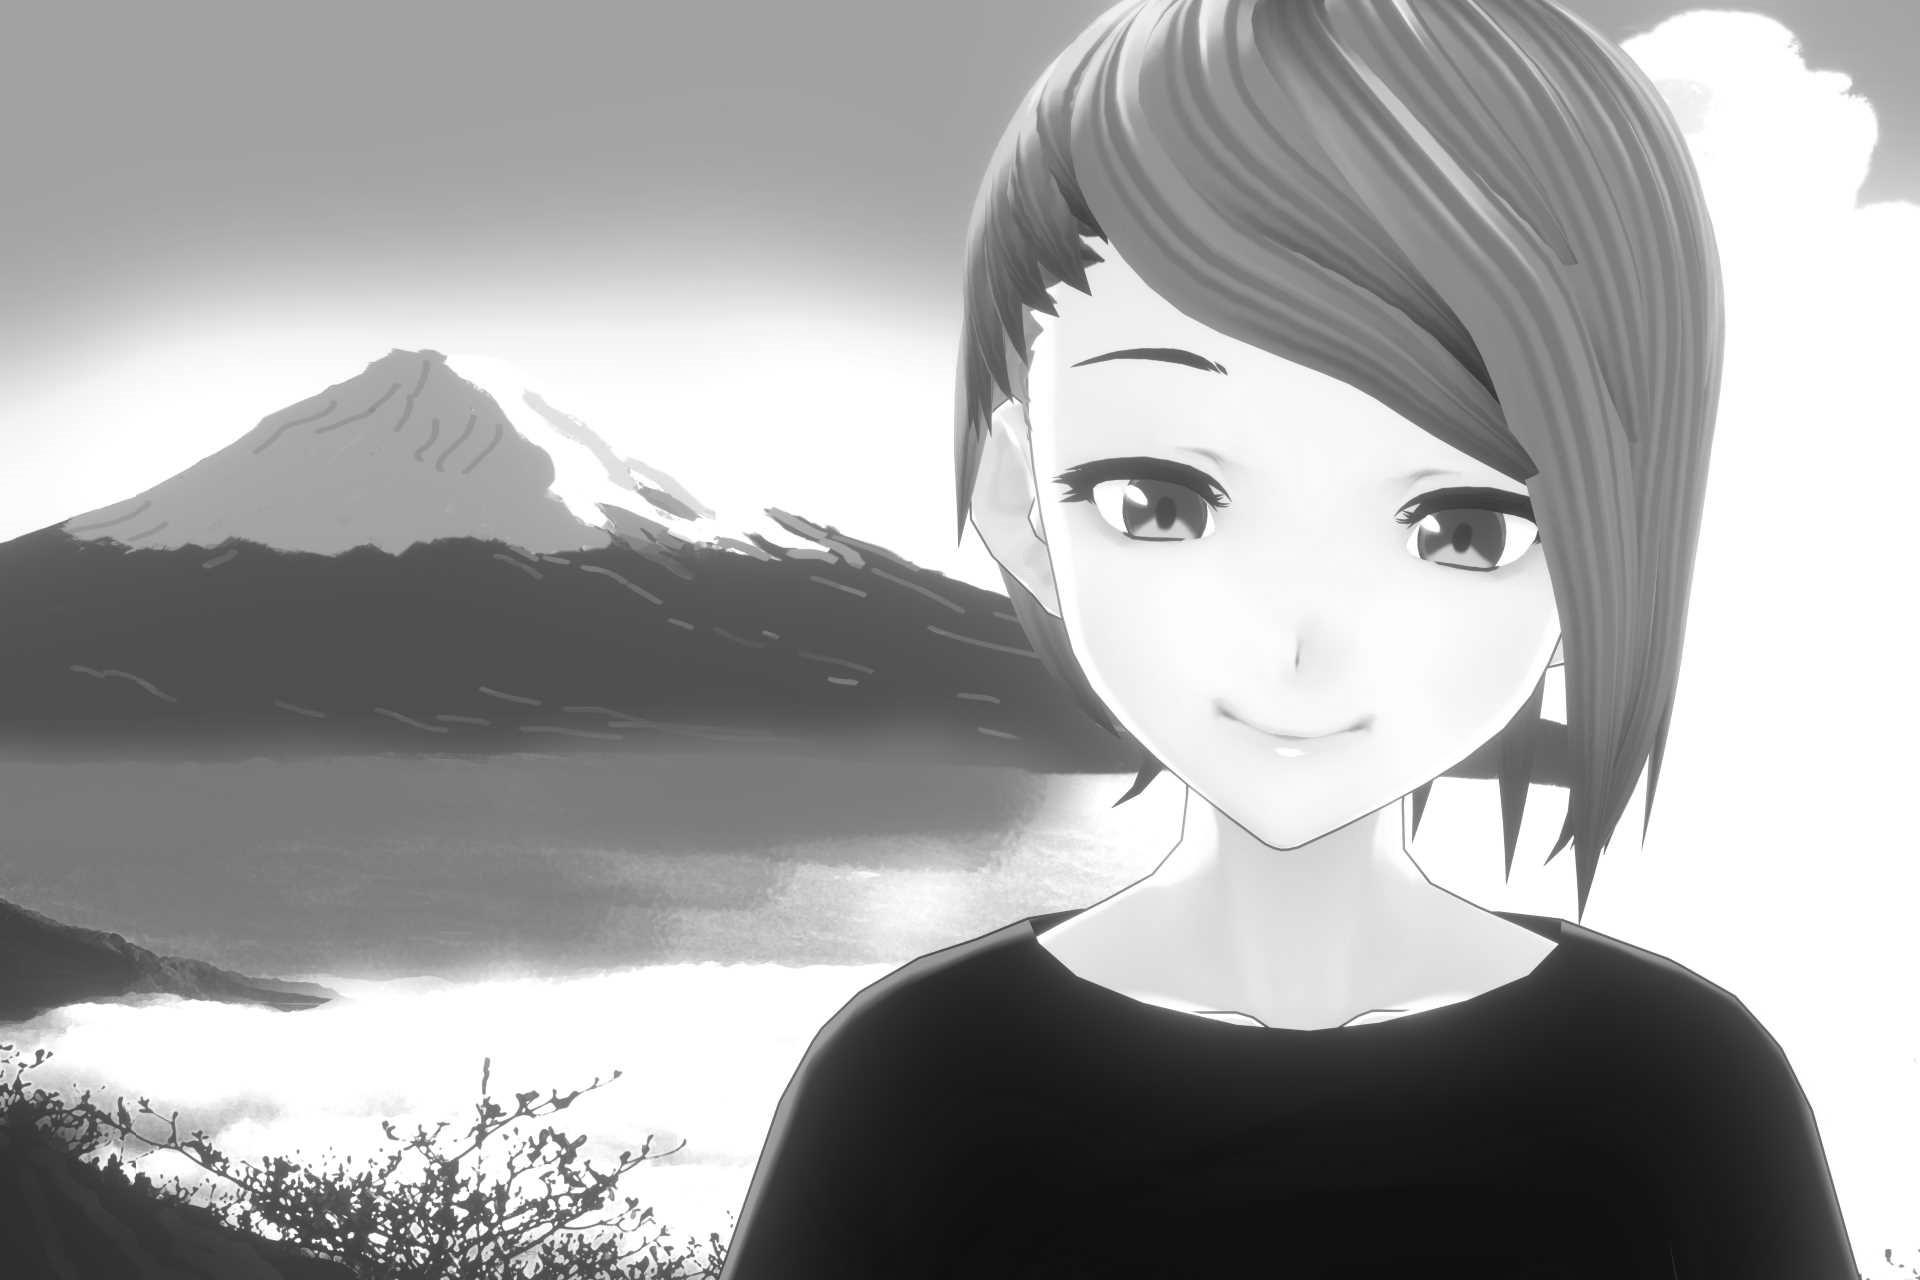 Manga e anime fumetto e animazione giapponese